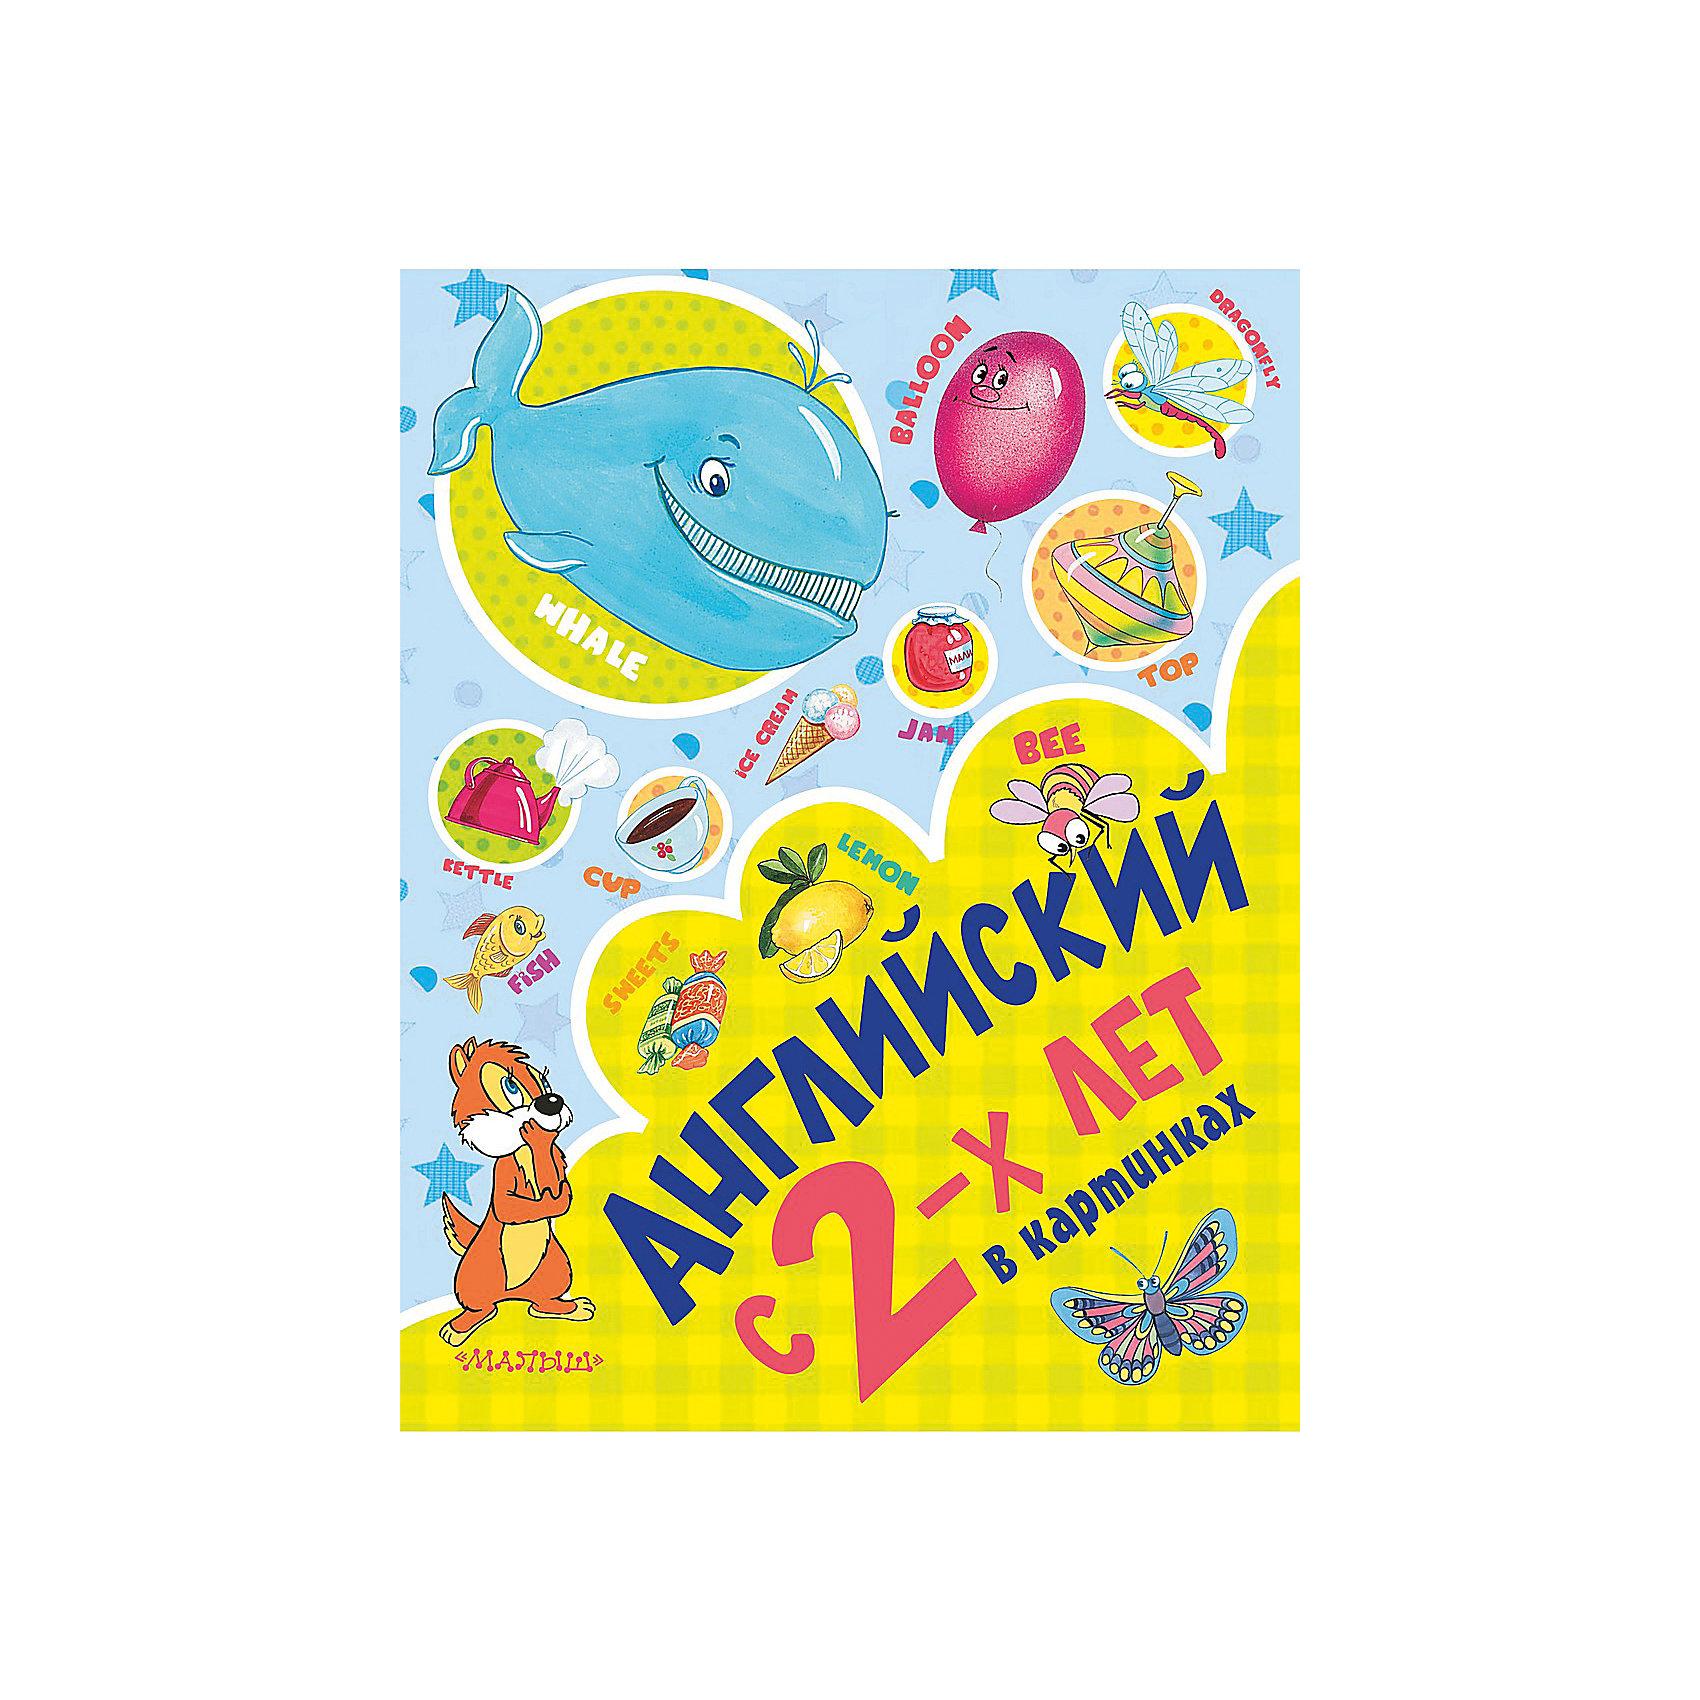 Английский с 2-х лет в картинкахИностранный язык<br>Эта красочная книга в картинках поможет вашему ребёнку сделать первые шаги в изучении английского языка. Как известно, малыши лучше всего усваивают новые знания, если они поданы в форме игры. Яркие рисунки и несложные задания, предлагаемые в этой книге, сделают процесс обучения лёгким и увлекательным. Для всех английских слов дано произношение, записанное русскими буквами, так что, даже если вы сами не очень хорошо знаете английский язык, это не помешает вам начать занятия с малышом.<br><br>Ширина мм: 255<br>Глубина мм: 197<br>Высота мм: 160<br>Вес г: 340<br>Возраст от месяцев: 24<br>Возраст до месяцев: 36<br>Пол: Унисекс<br>Возраст: Детский<br>SKU: 6848238